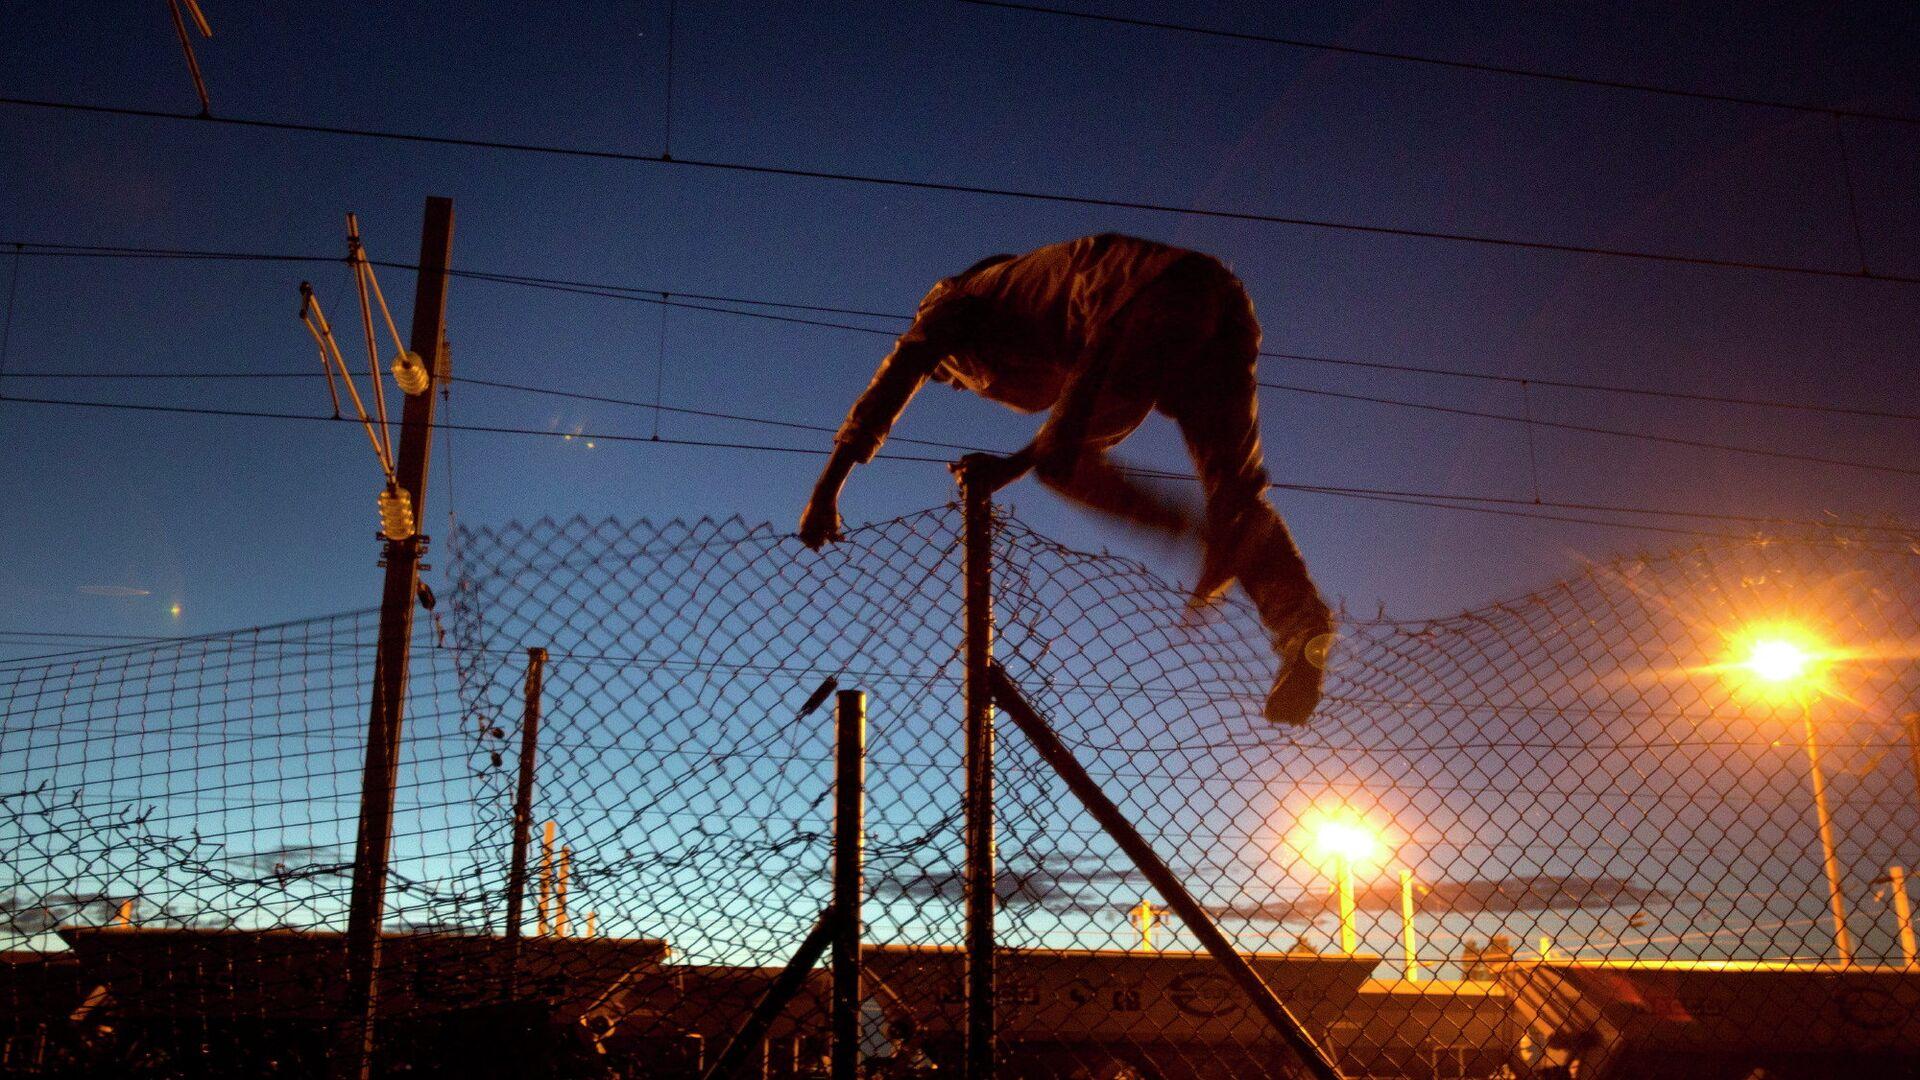 Мигрант пытается пробраться в Евротоннель в Кале, Франция - РИА Новости, 1920, 05.08.2021